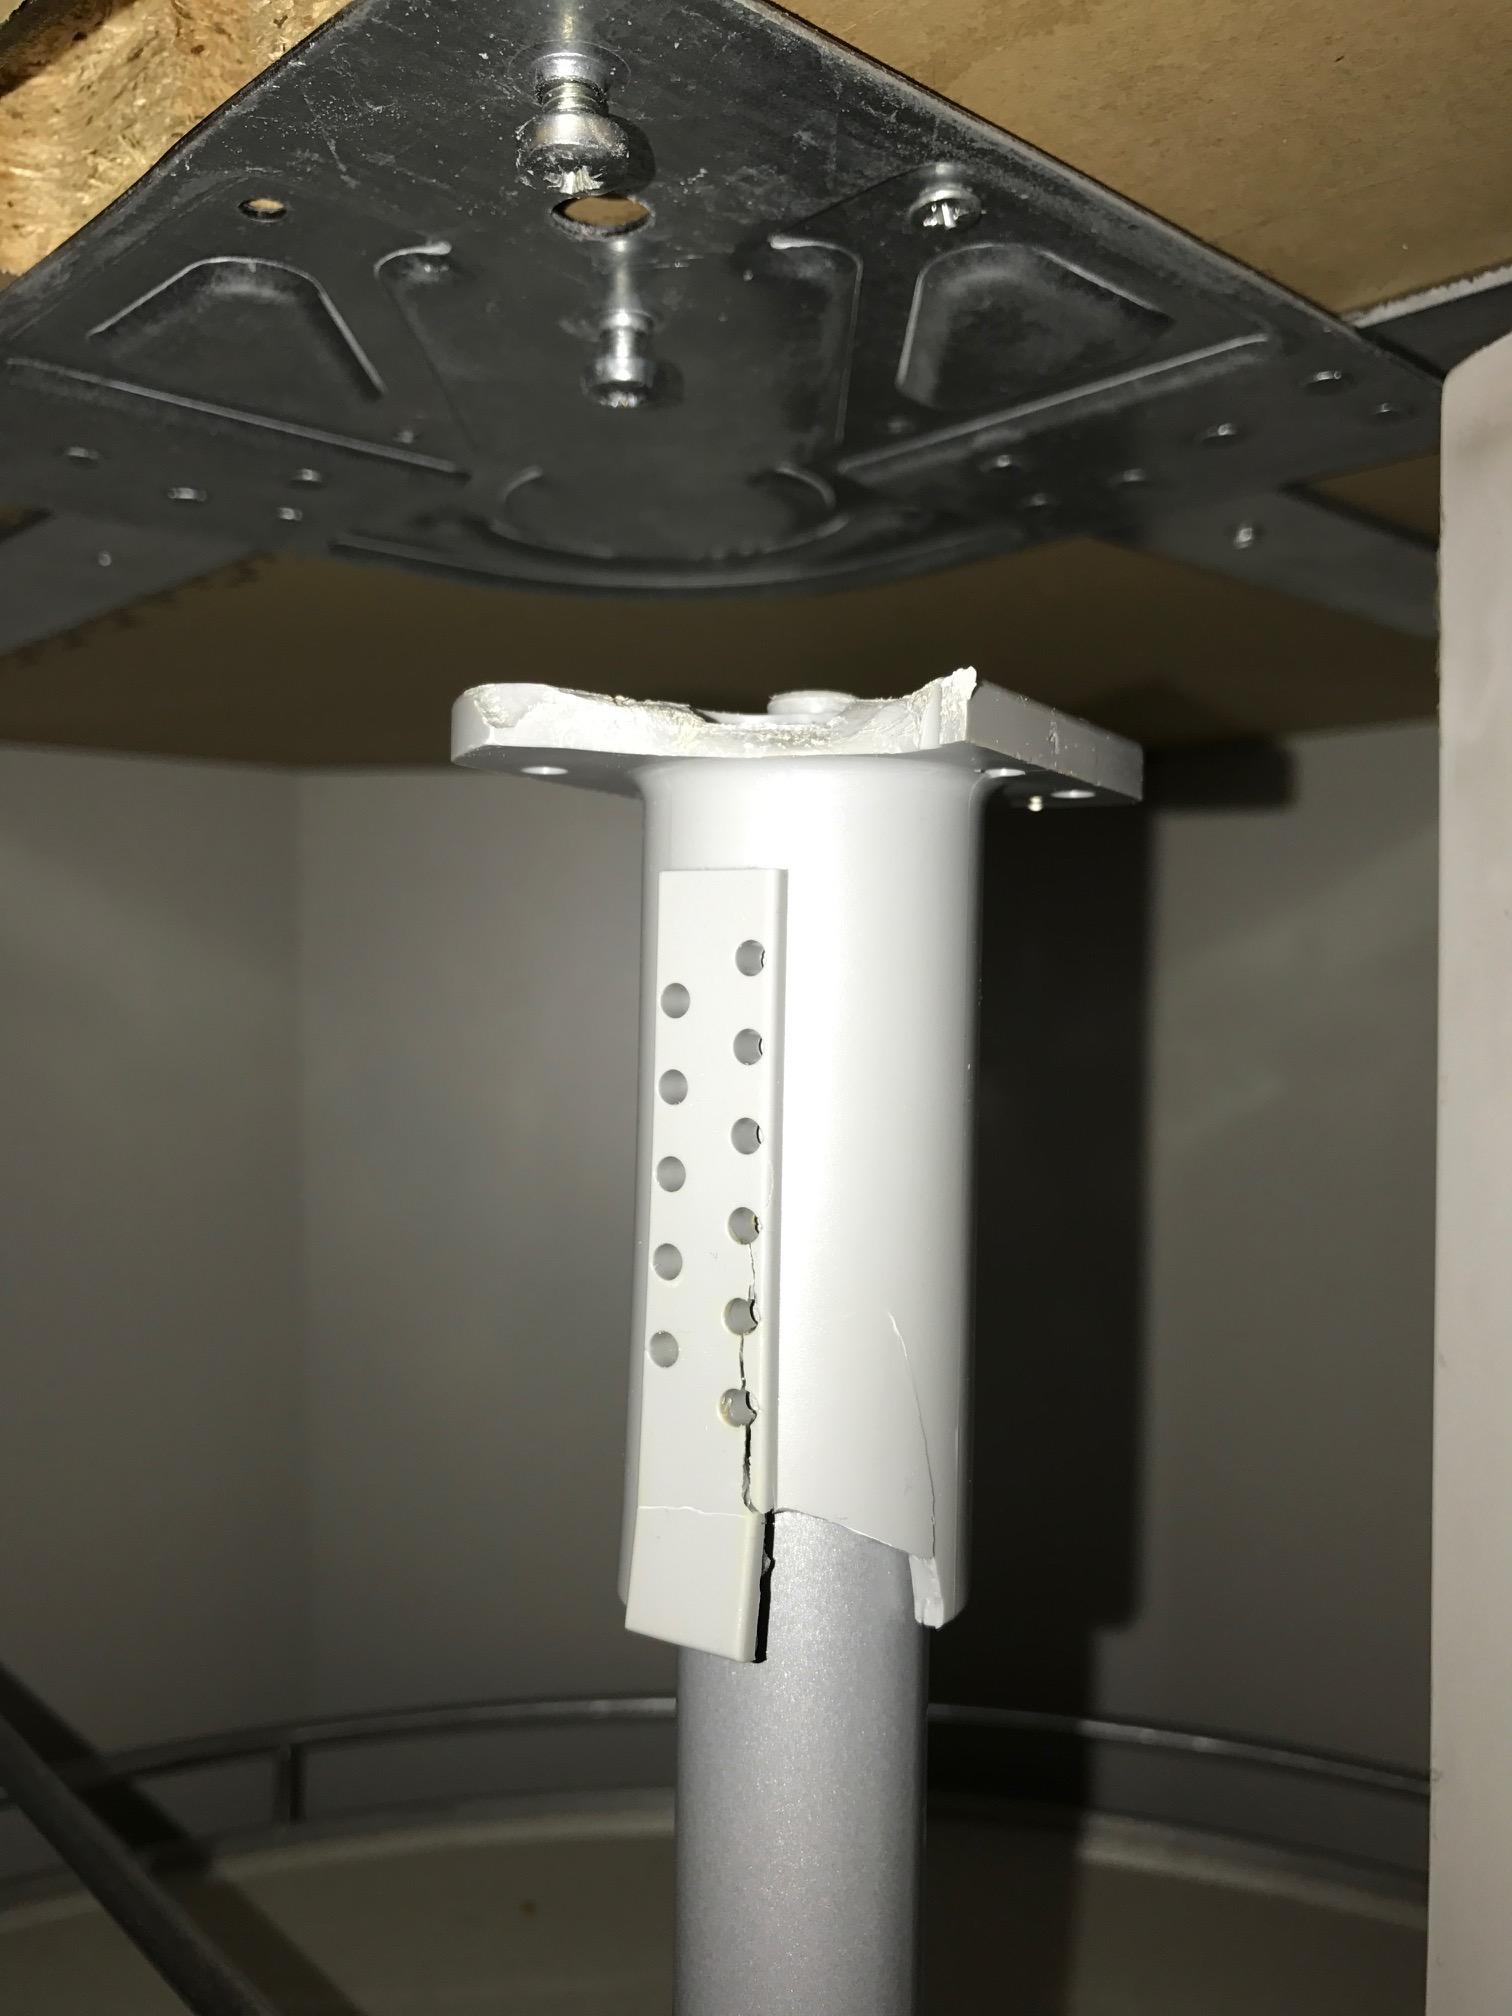 drehkarusell f hrung von oben in einbauk che leicht defekt reparatur k che. Black Bedroom Furniture Sets. Home Design Ideas